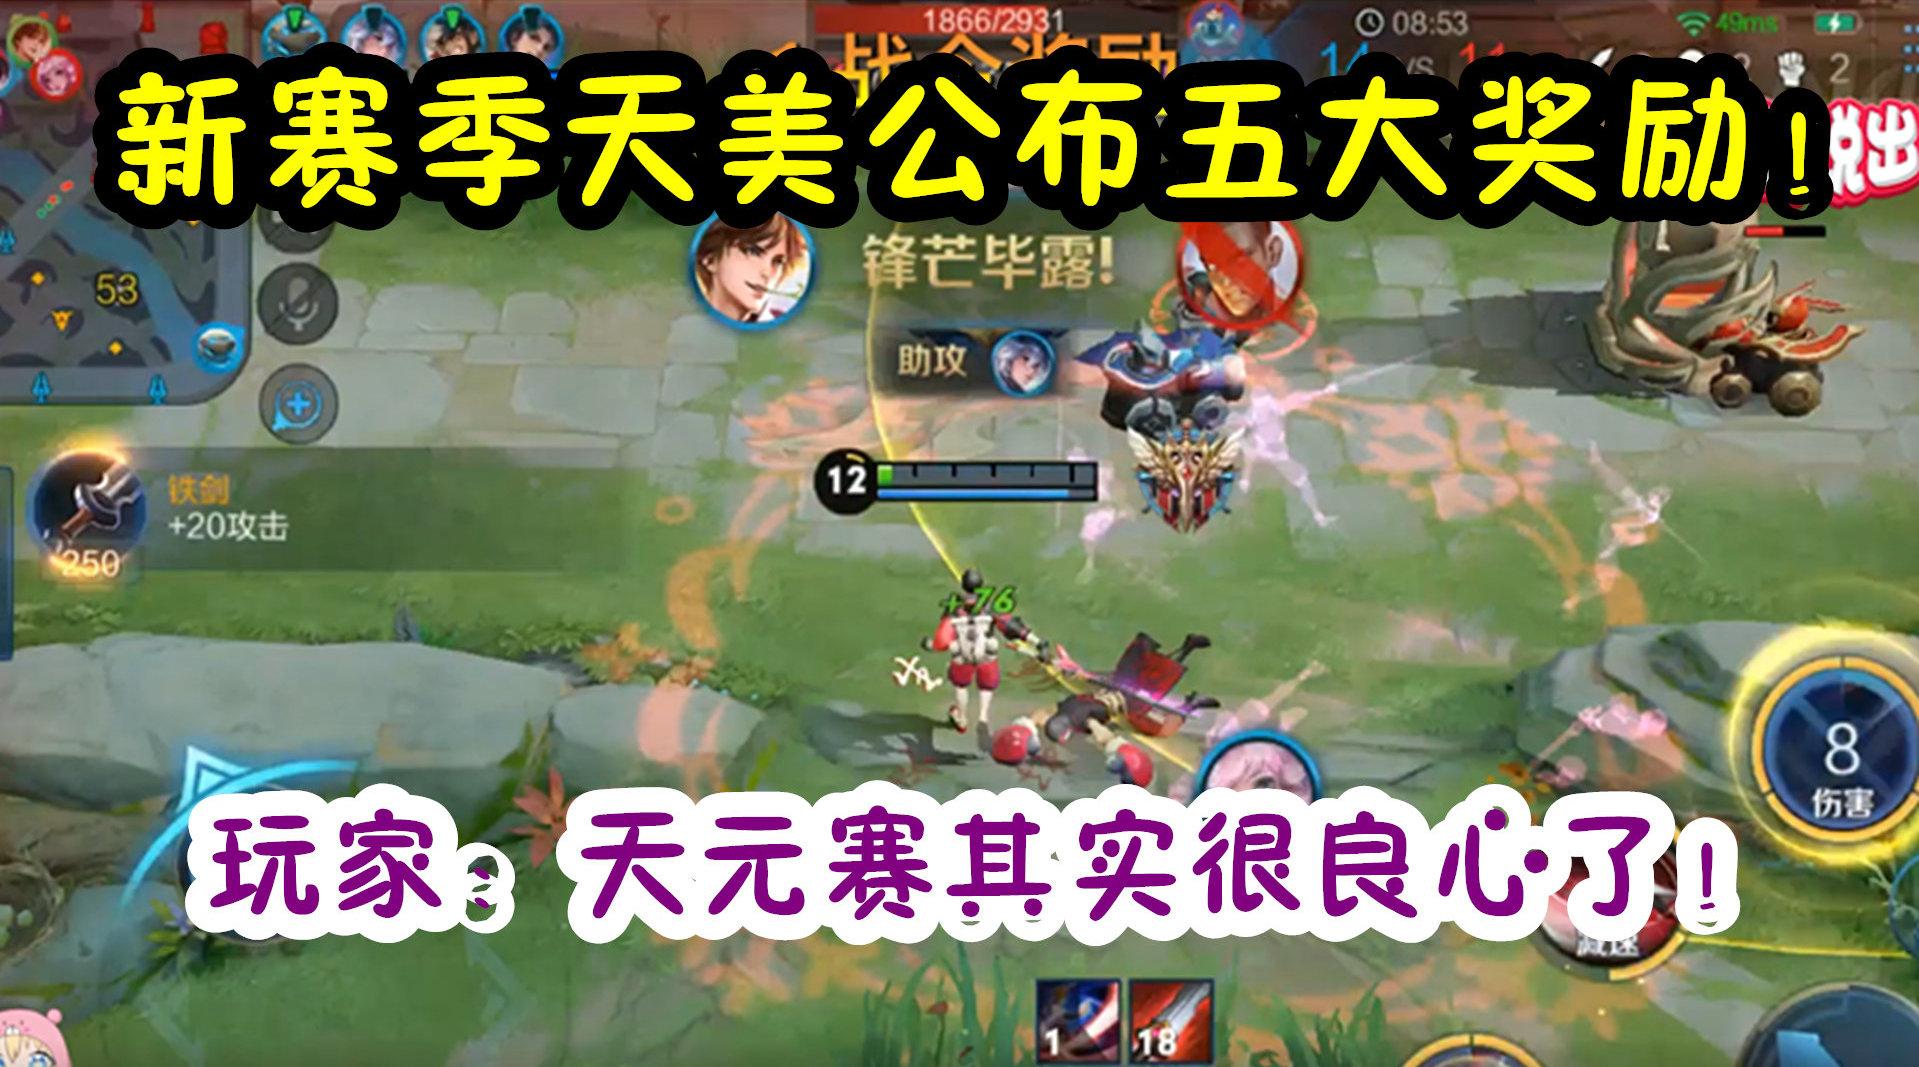 王者荣耀:新赛季天美公布五大奖励!玩家:天元赛其实很良心了